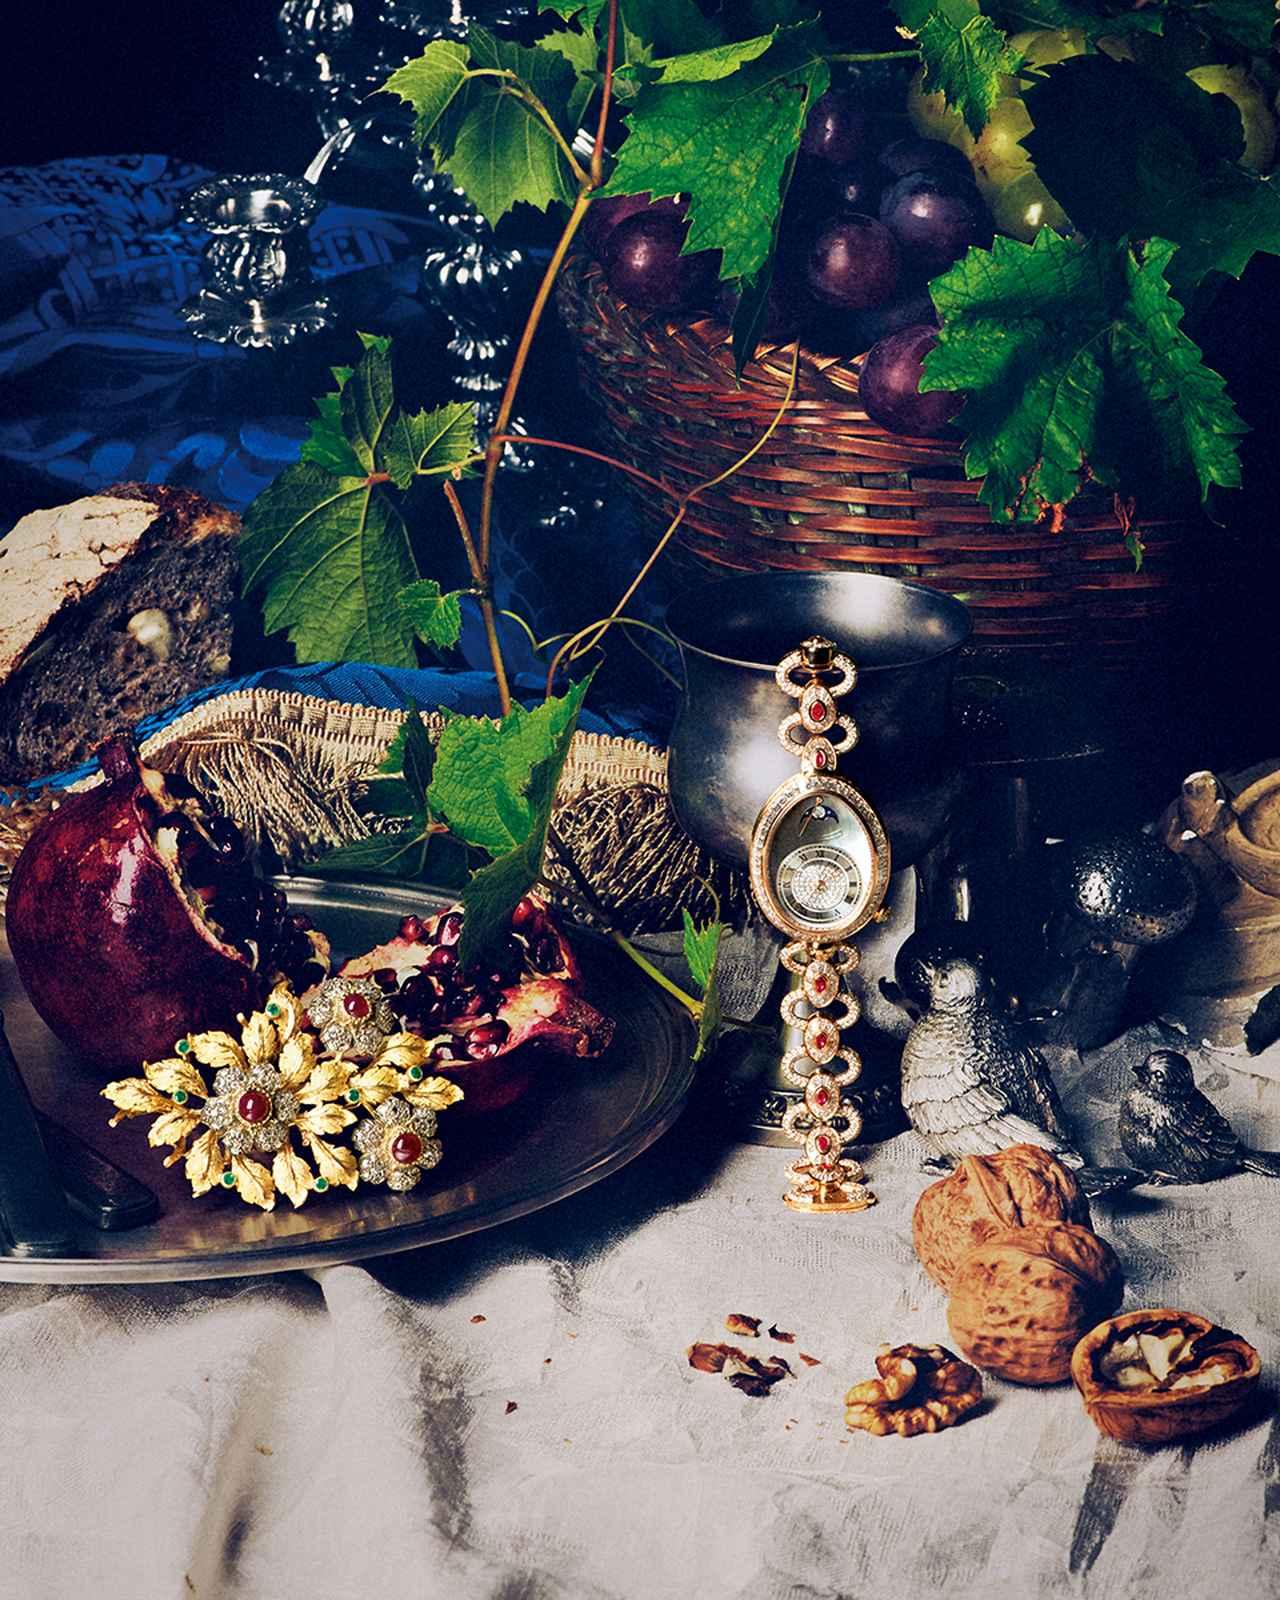 Images : 2番目の画像 - 「その美には、匠の技が宿る」のアルバム - T JAPAN:The New York Times Style Magazine 公式サイト